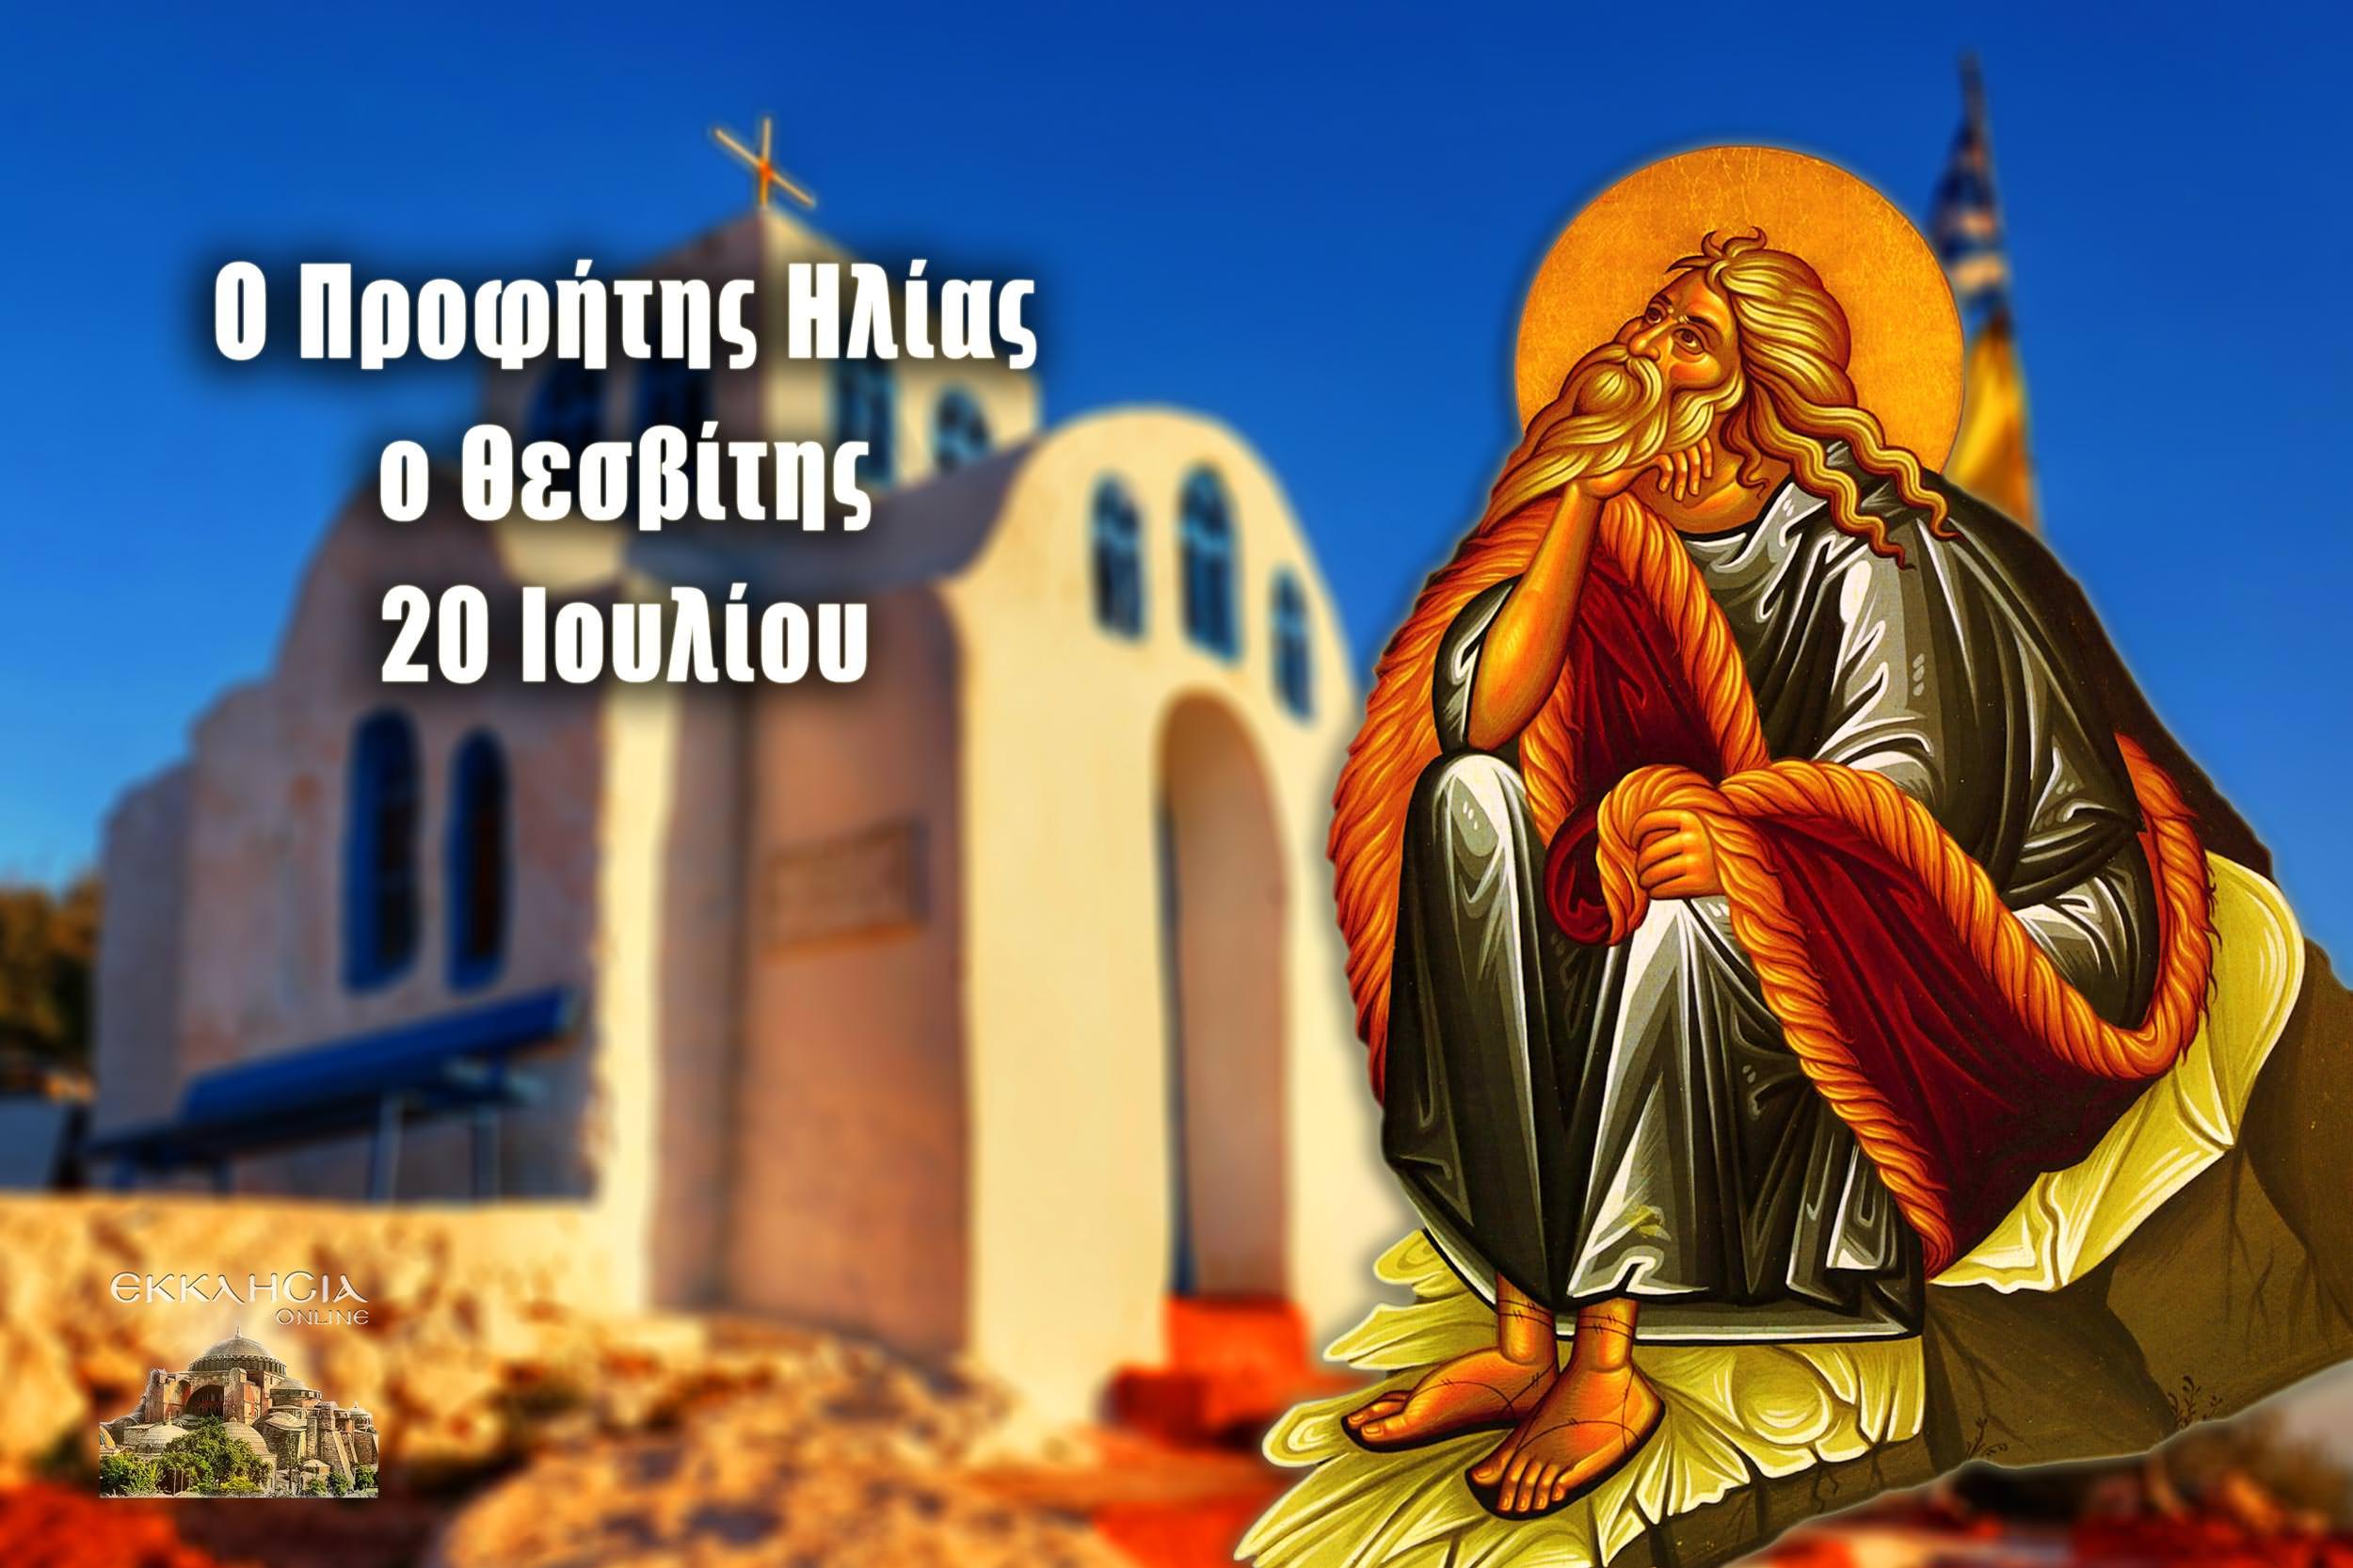 Προφήτης Ηλίας ο Θεσβίτης 20 Ιουλίου